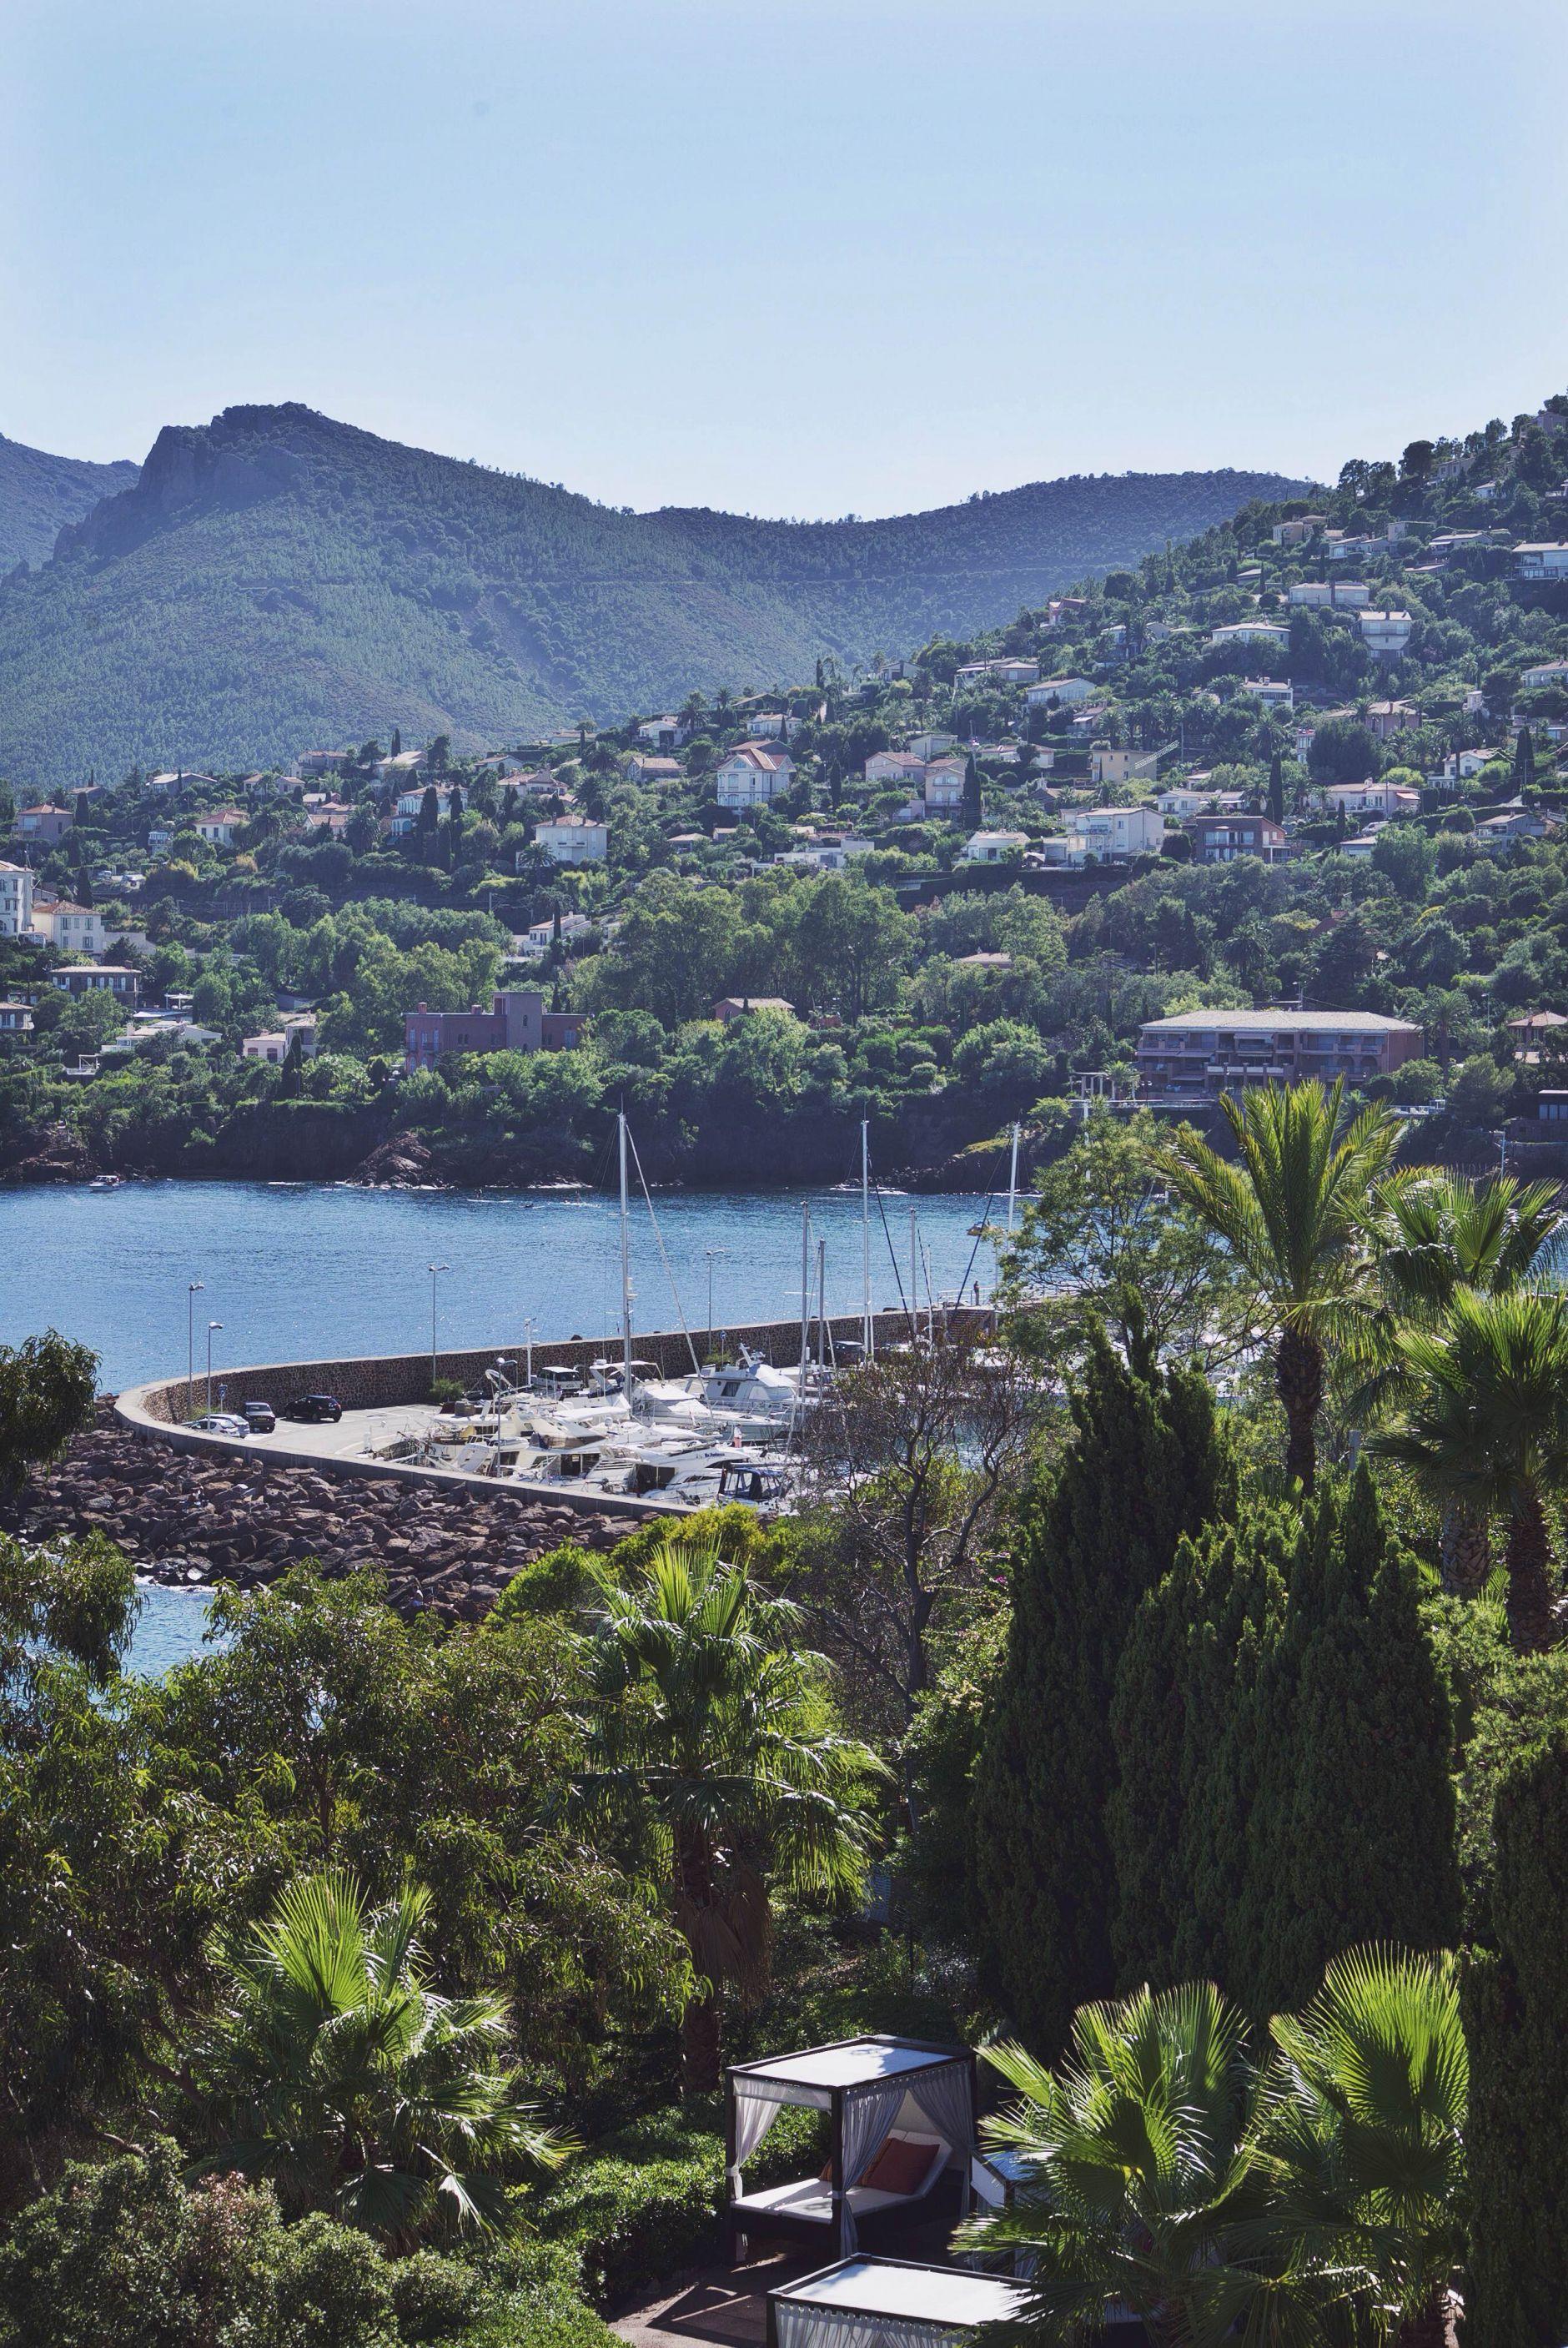 16-Tiara-Miramar-Beach-Hotel-Spa-Cote-dAzur-Disi-Couture-Edisa-Shahini-Cannes-France